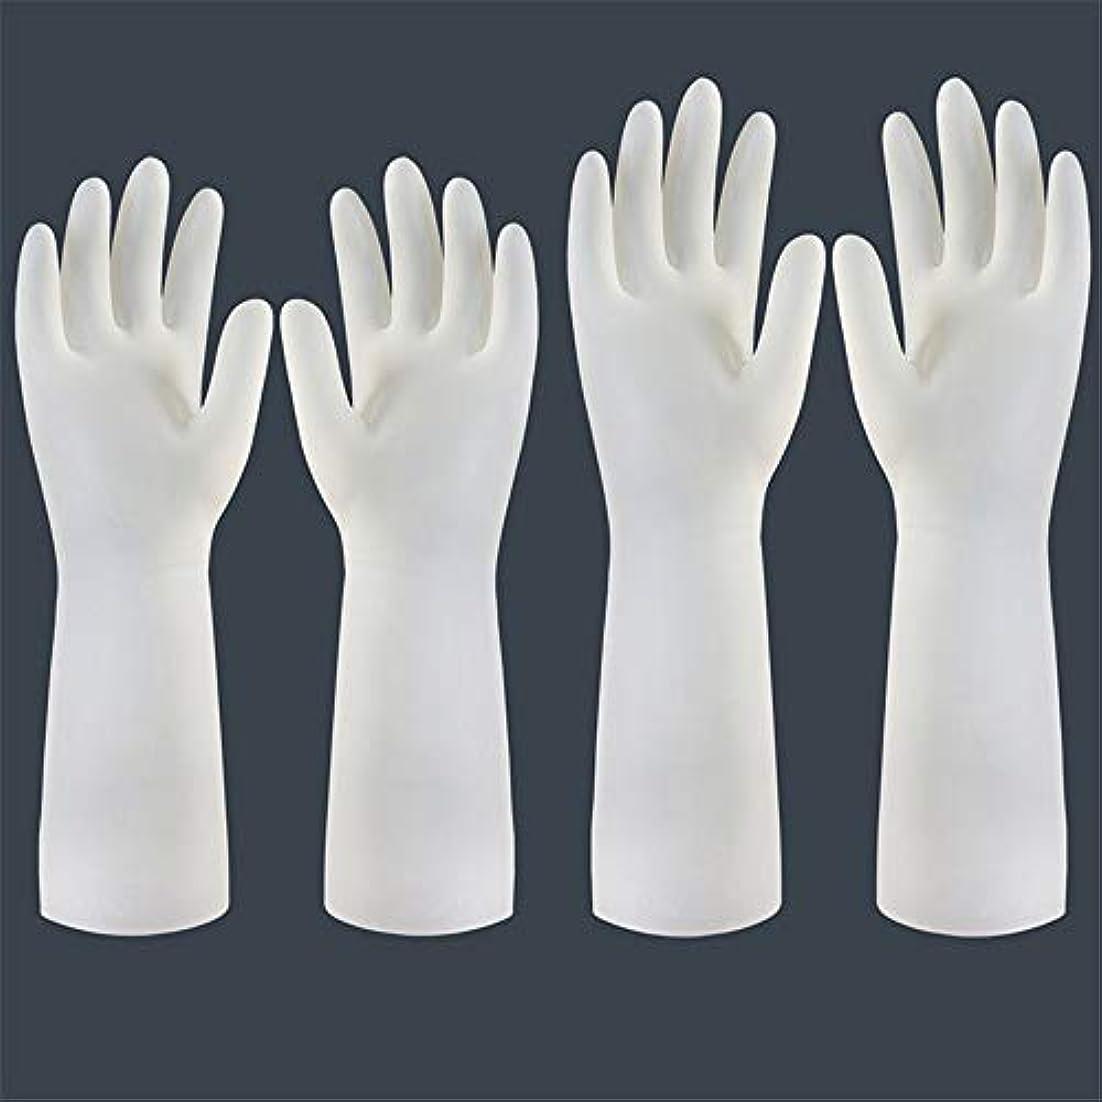 コイルふくろうトークンニトリルゴム手袋 使い捨て手袋の防水および耐久のゴム製台所手袋、小/中/大 使い捨て手袋 (Color : Short+long, Size : M)